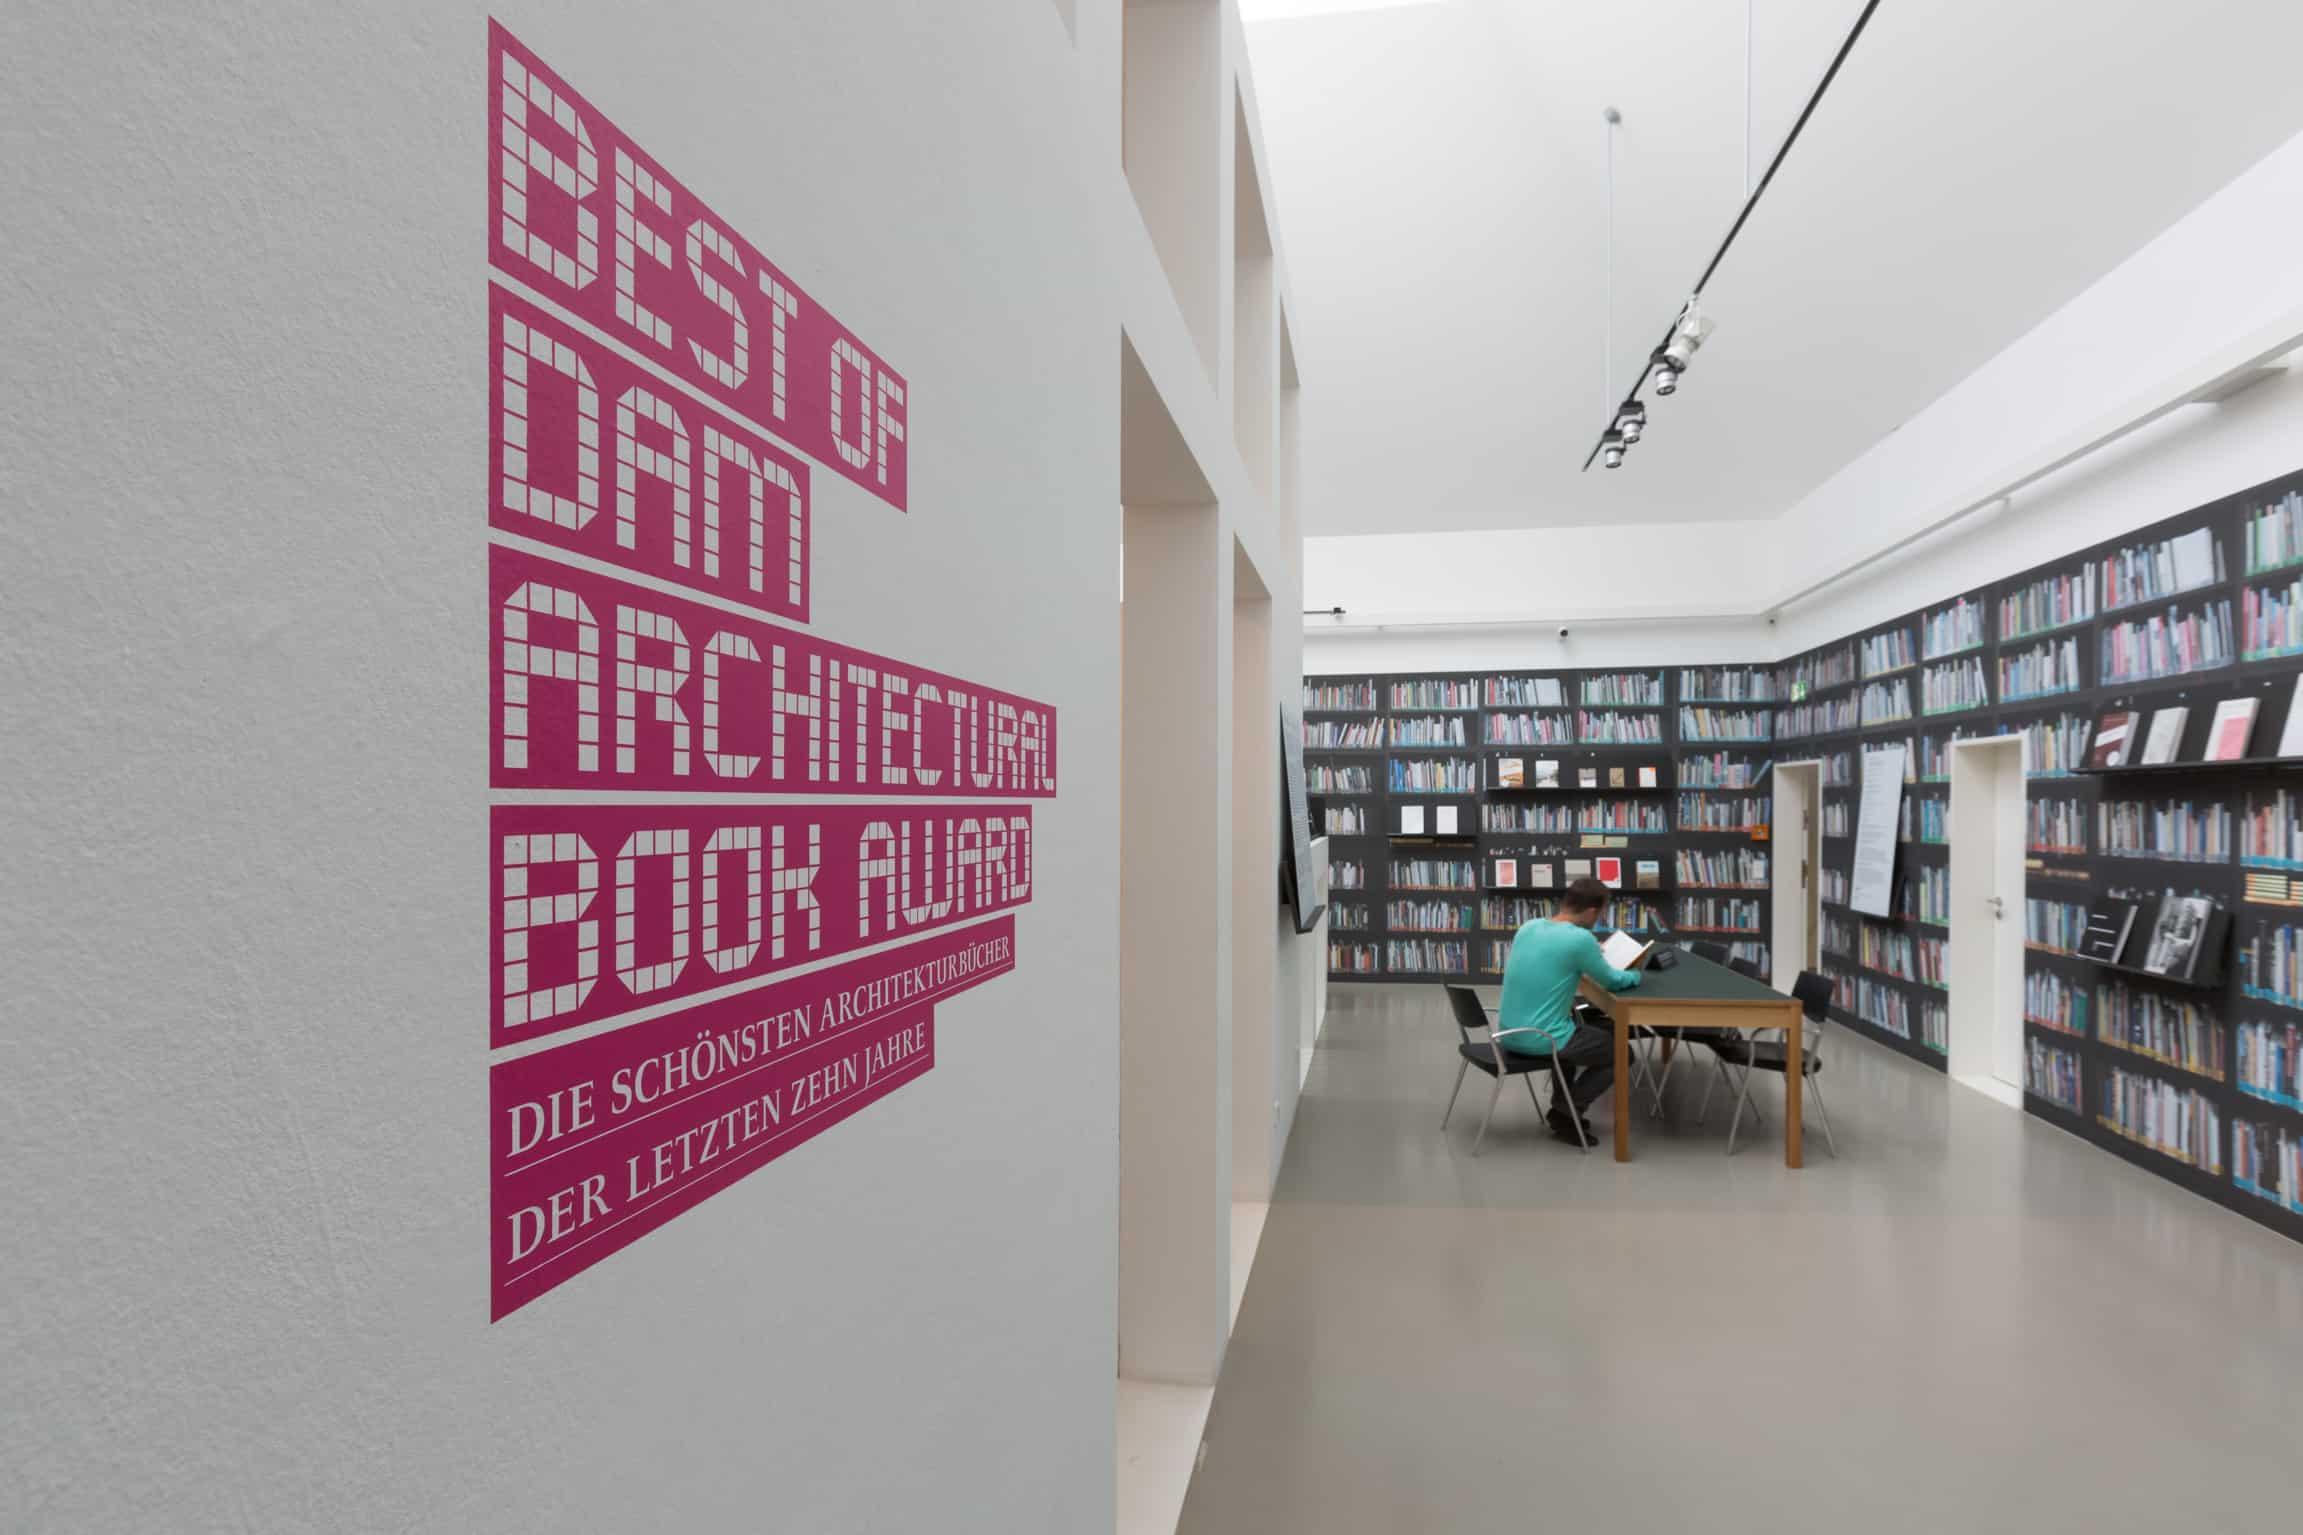 Eindrücke der Ausstellung DAM ARCHITECTURAL BOOK AWARD \ Foto: Fritz Philipp